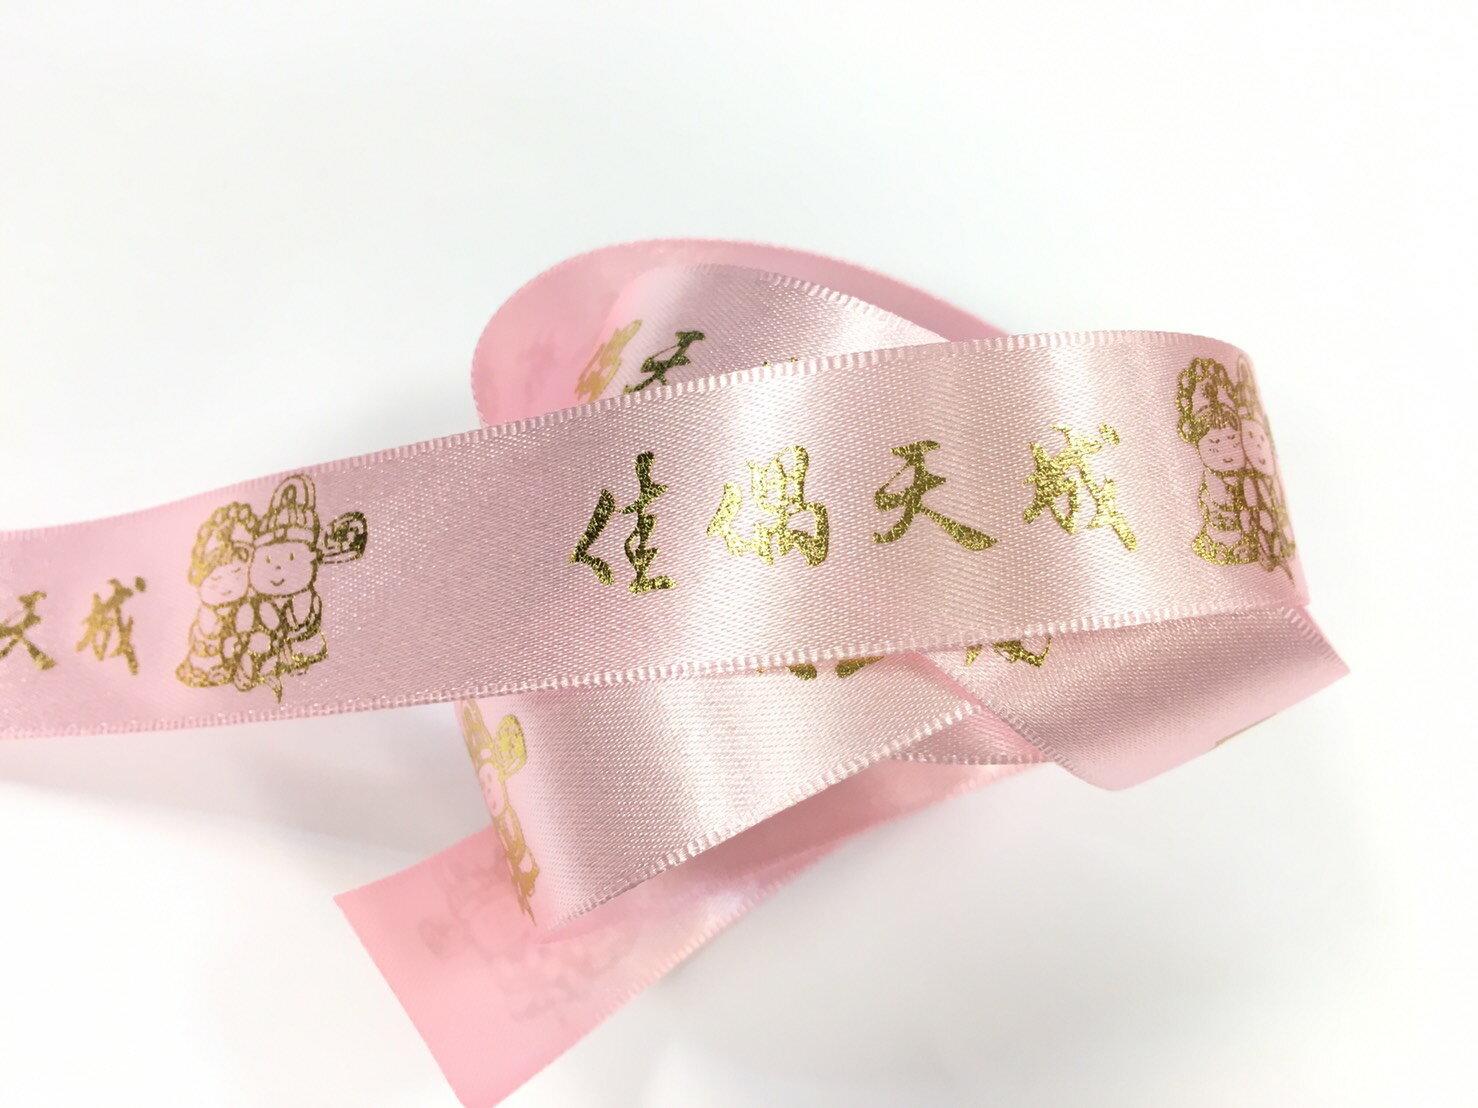 雙緞面婚禮緞帶-燙金佳偶天成 22mm 3碼裝(6色) 5